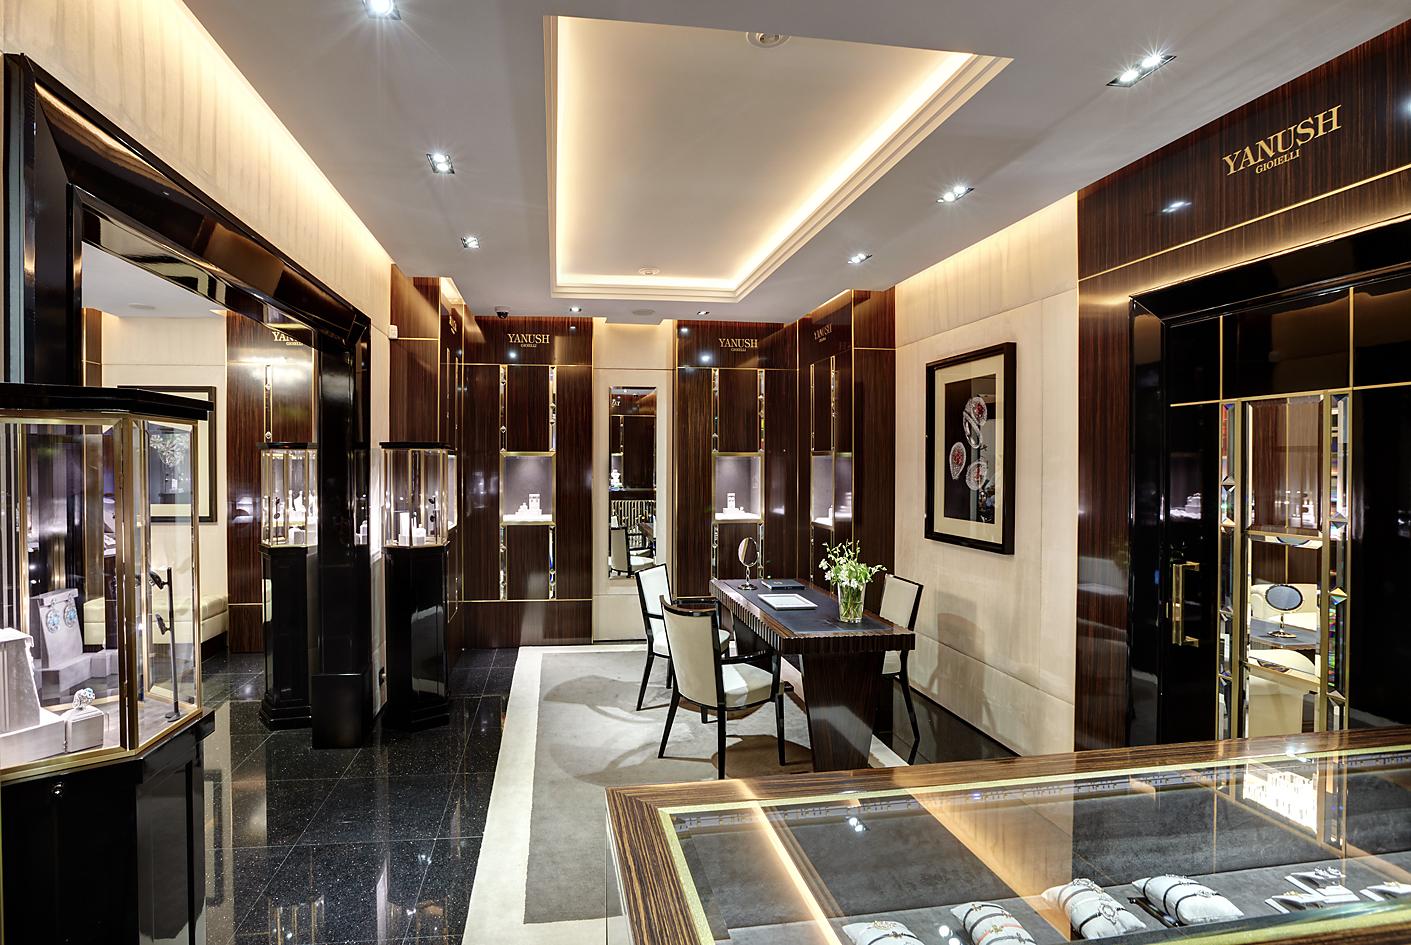 online home interior furniture design store katz. Black Bedroom Furniture Sets. Home Design Ideas